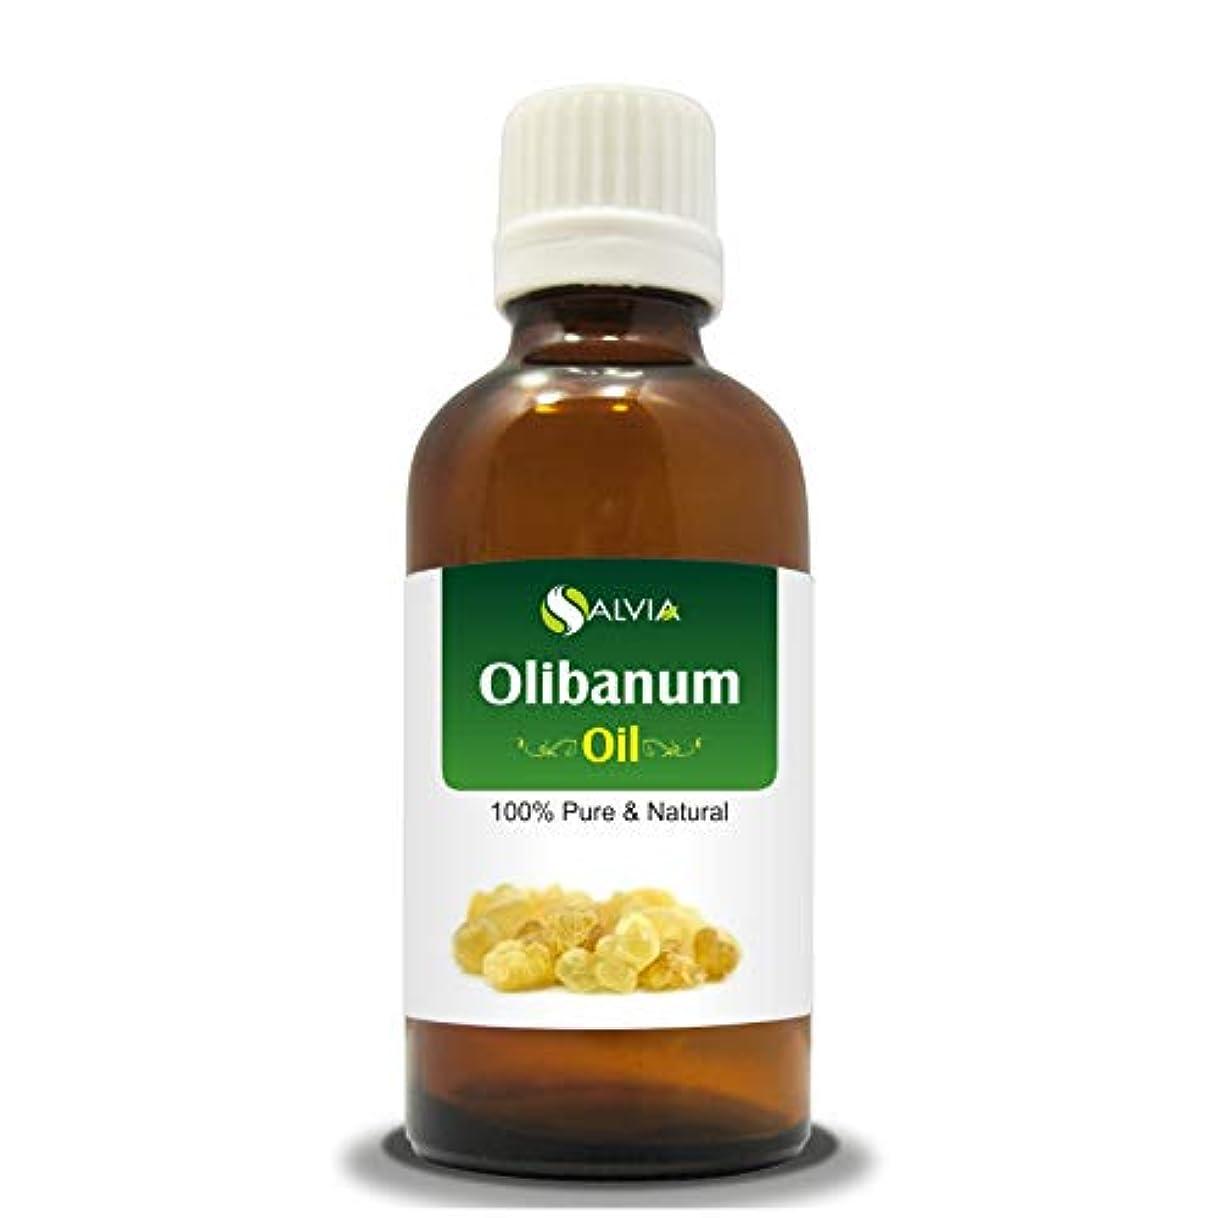 スナック読みやすさ万歳OLIBANUM OIL (BOSWELLIA SERRATA) 100% NATURAL PURE ESSENTIAL OIL 30ML